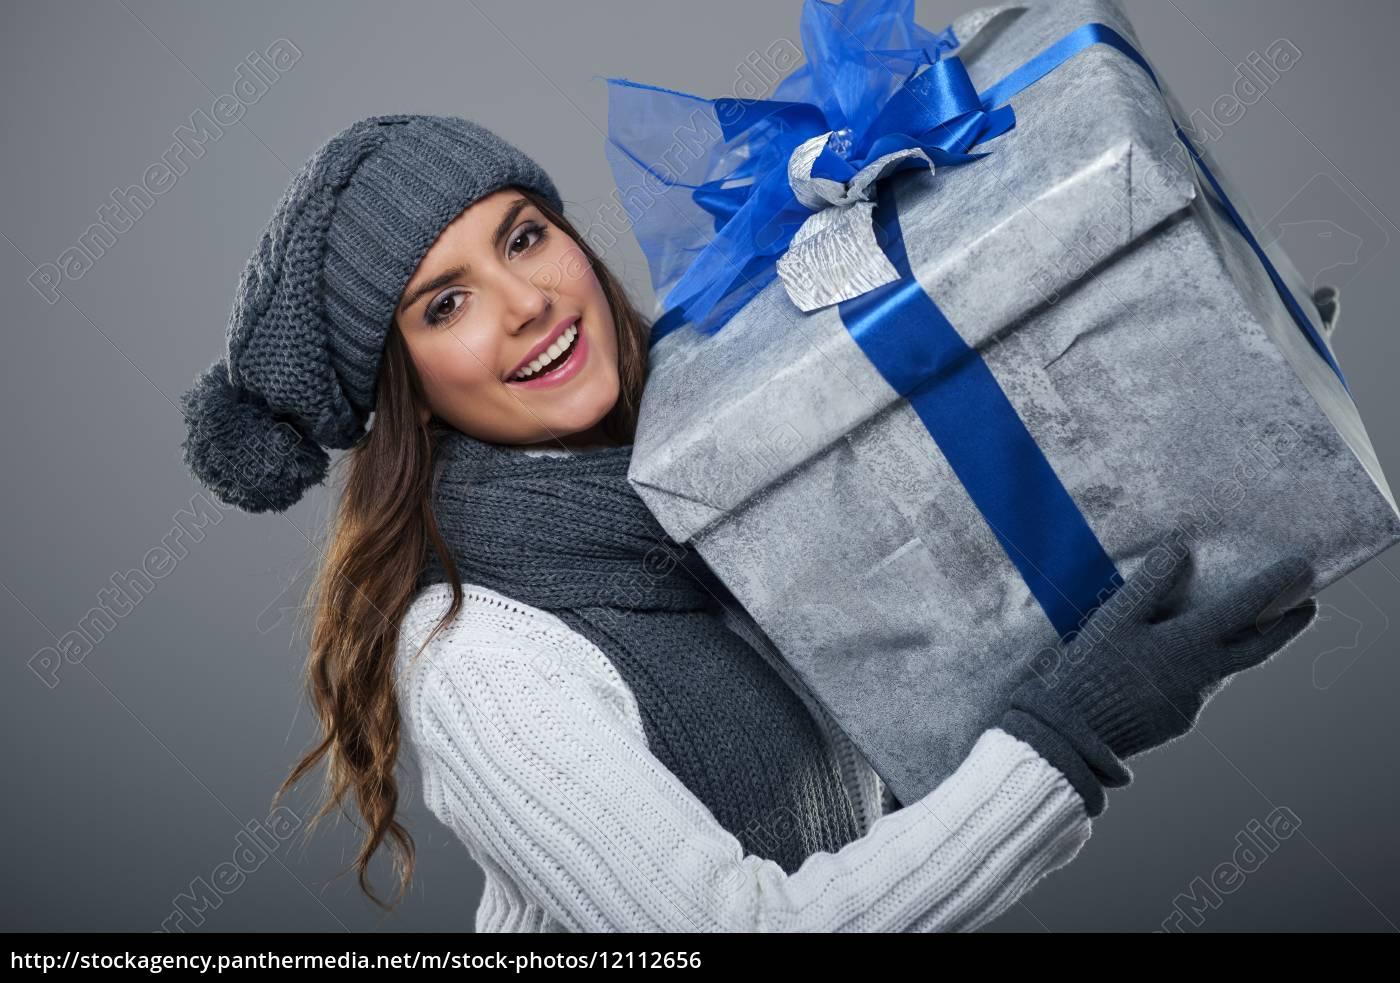 donna, felice, che, indossa, abiti, caldi - 12112656